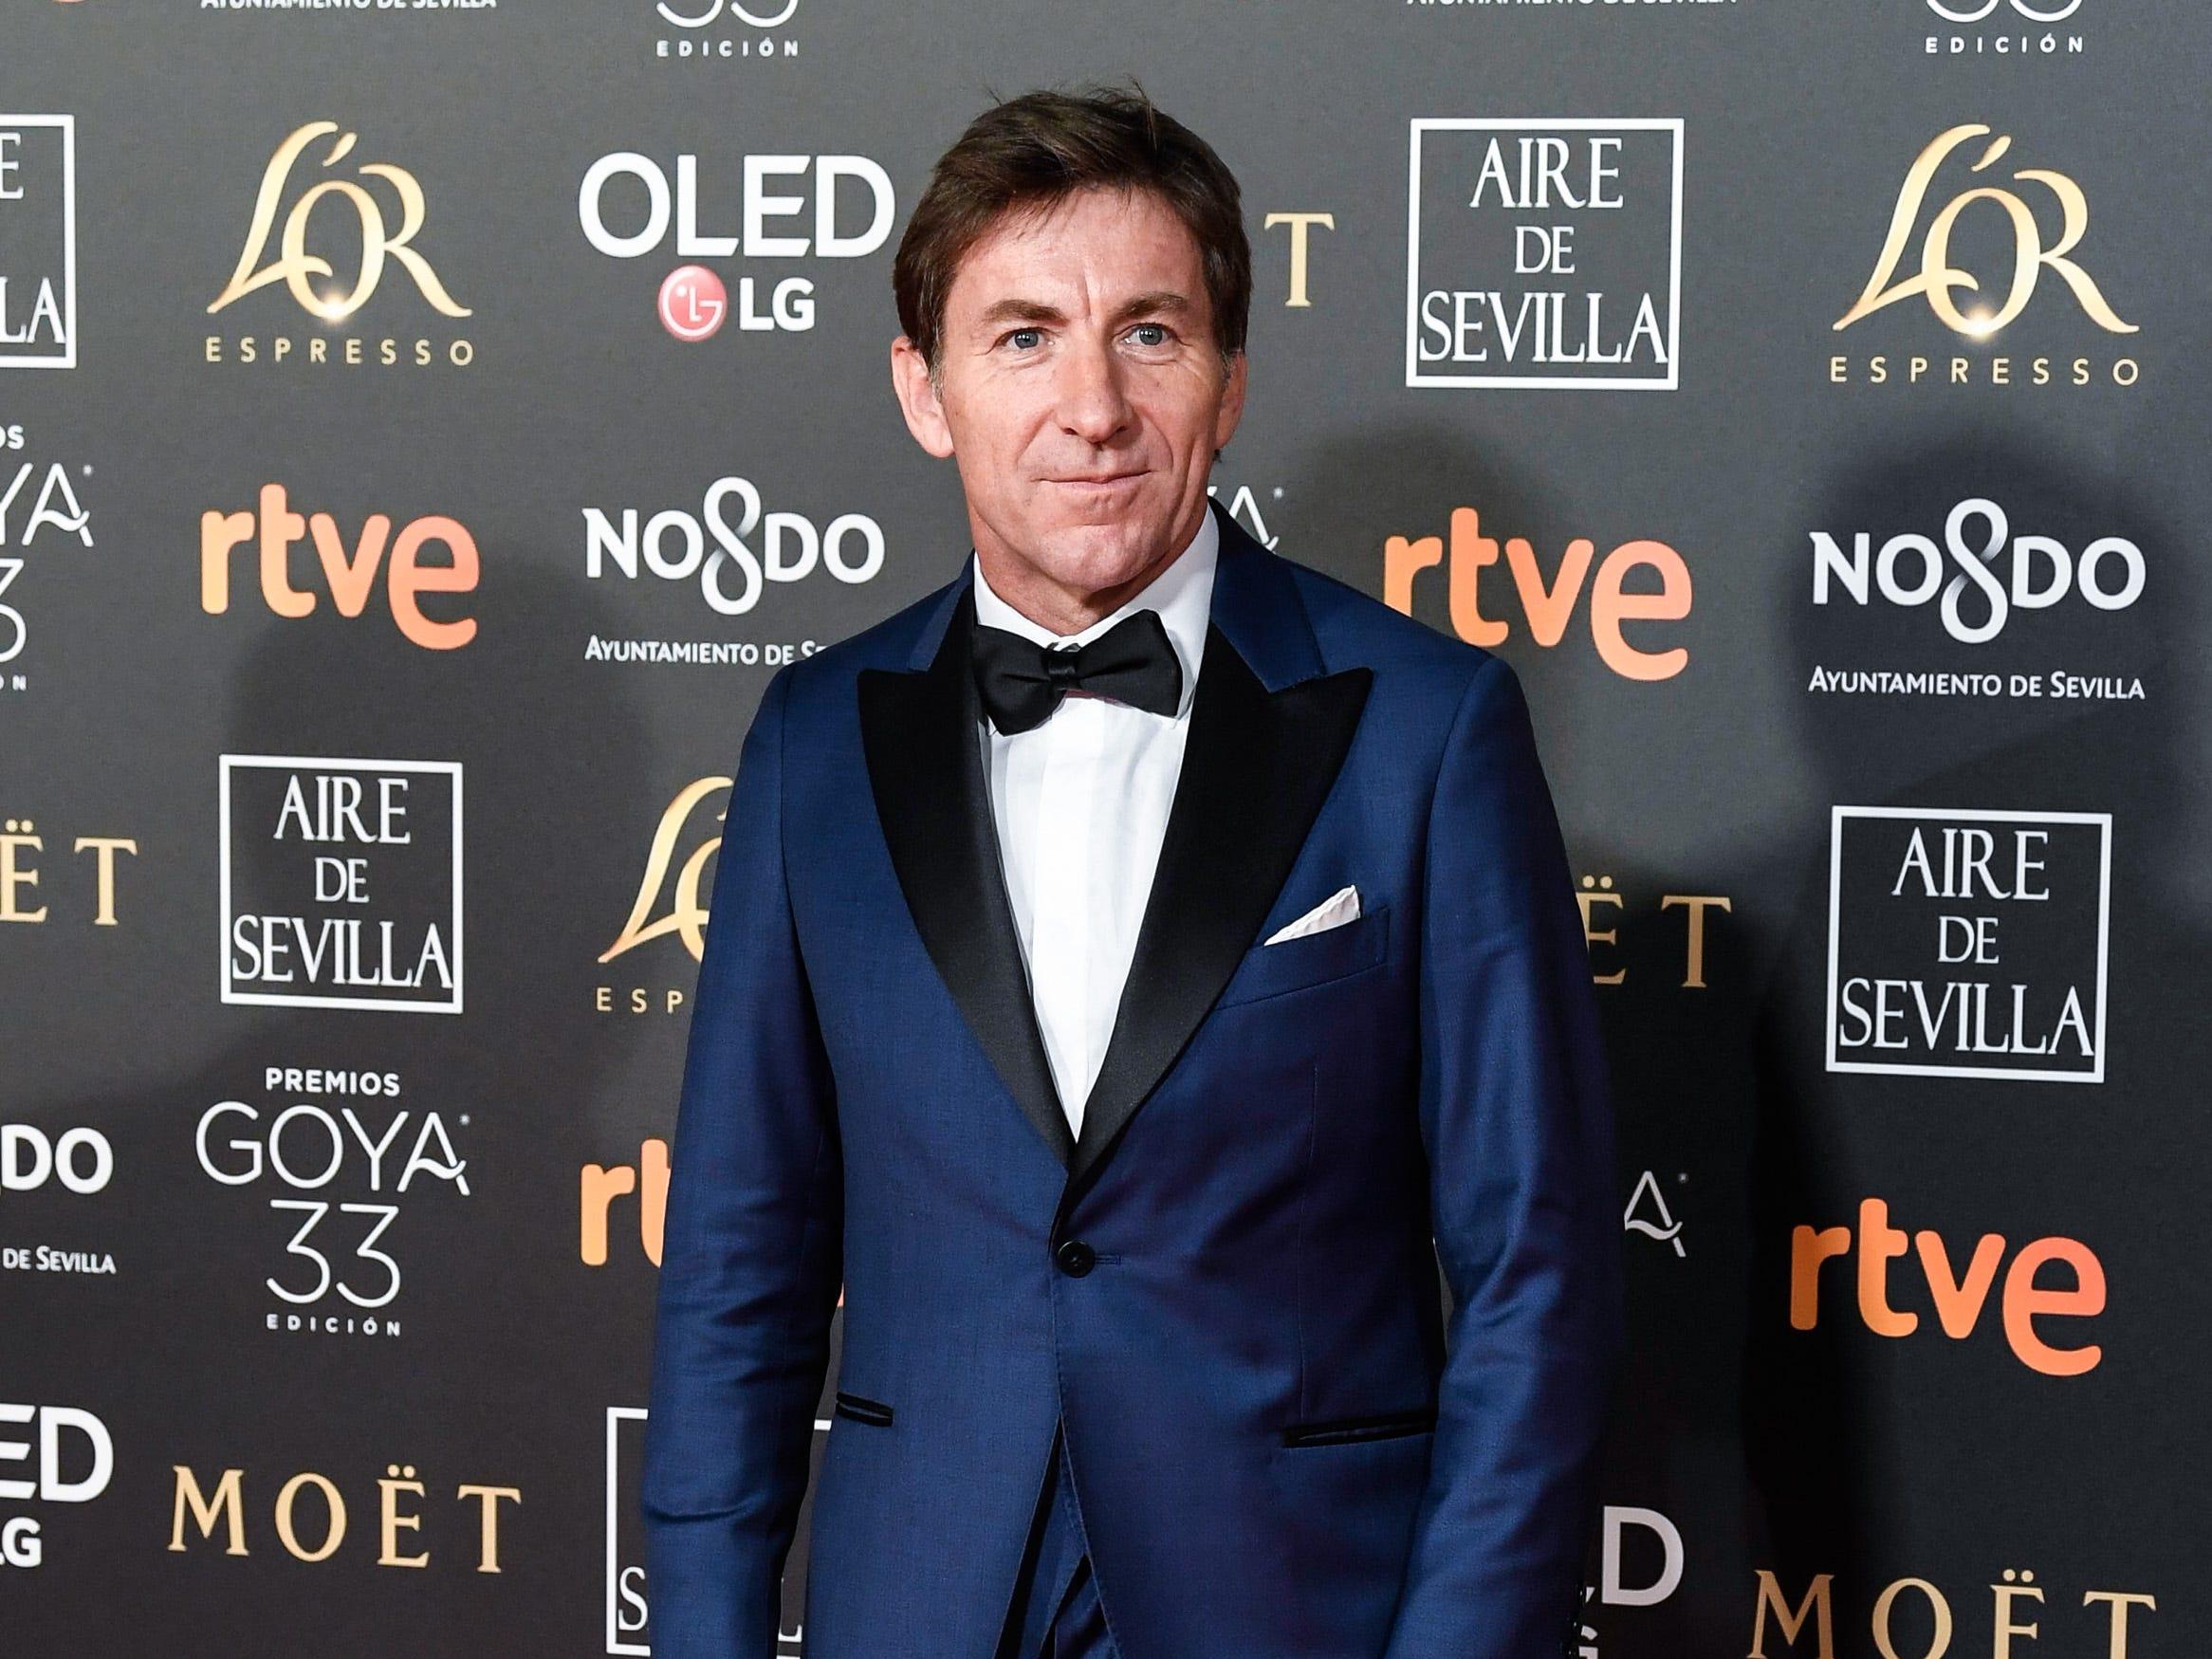 Antonio de la Torre asiste a la 33ª edición de los Premios de Cine Goya en el Palacio de Congresos y Exposiciones FIBES el 2 de febrero de 2019 en Sevilla, España.